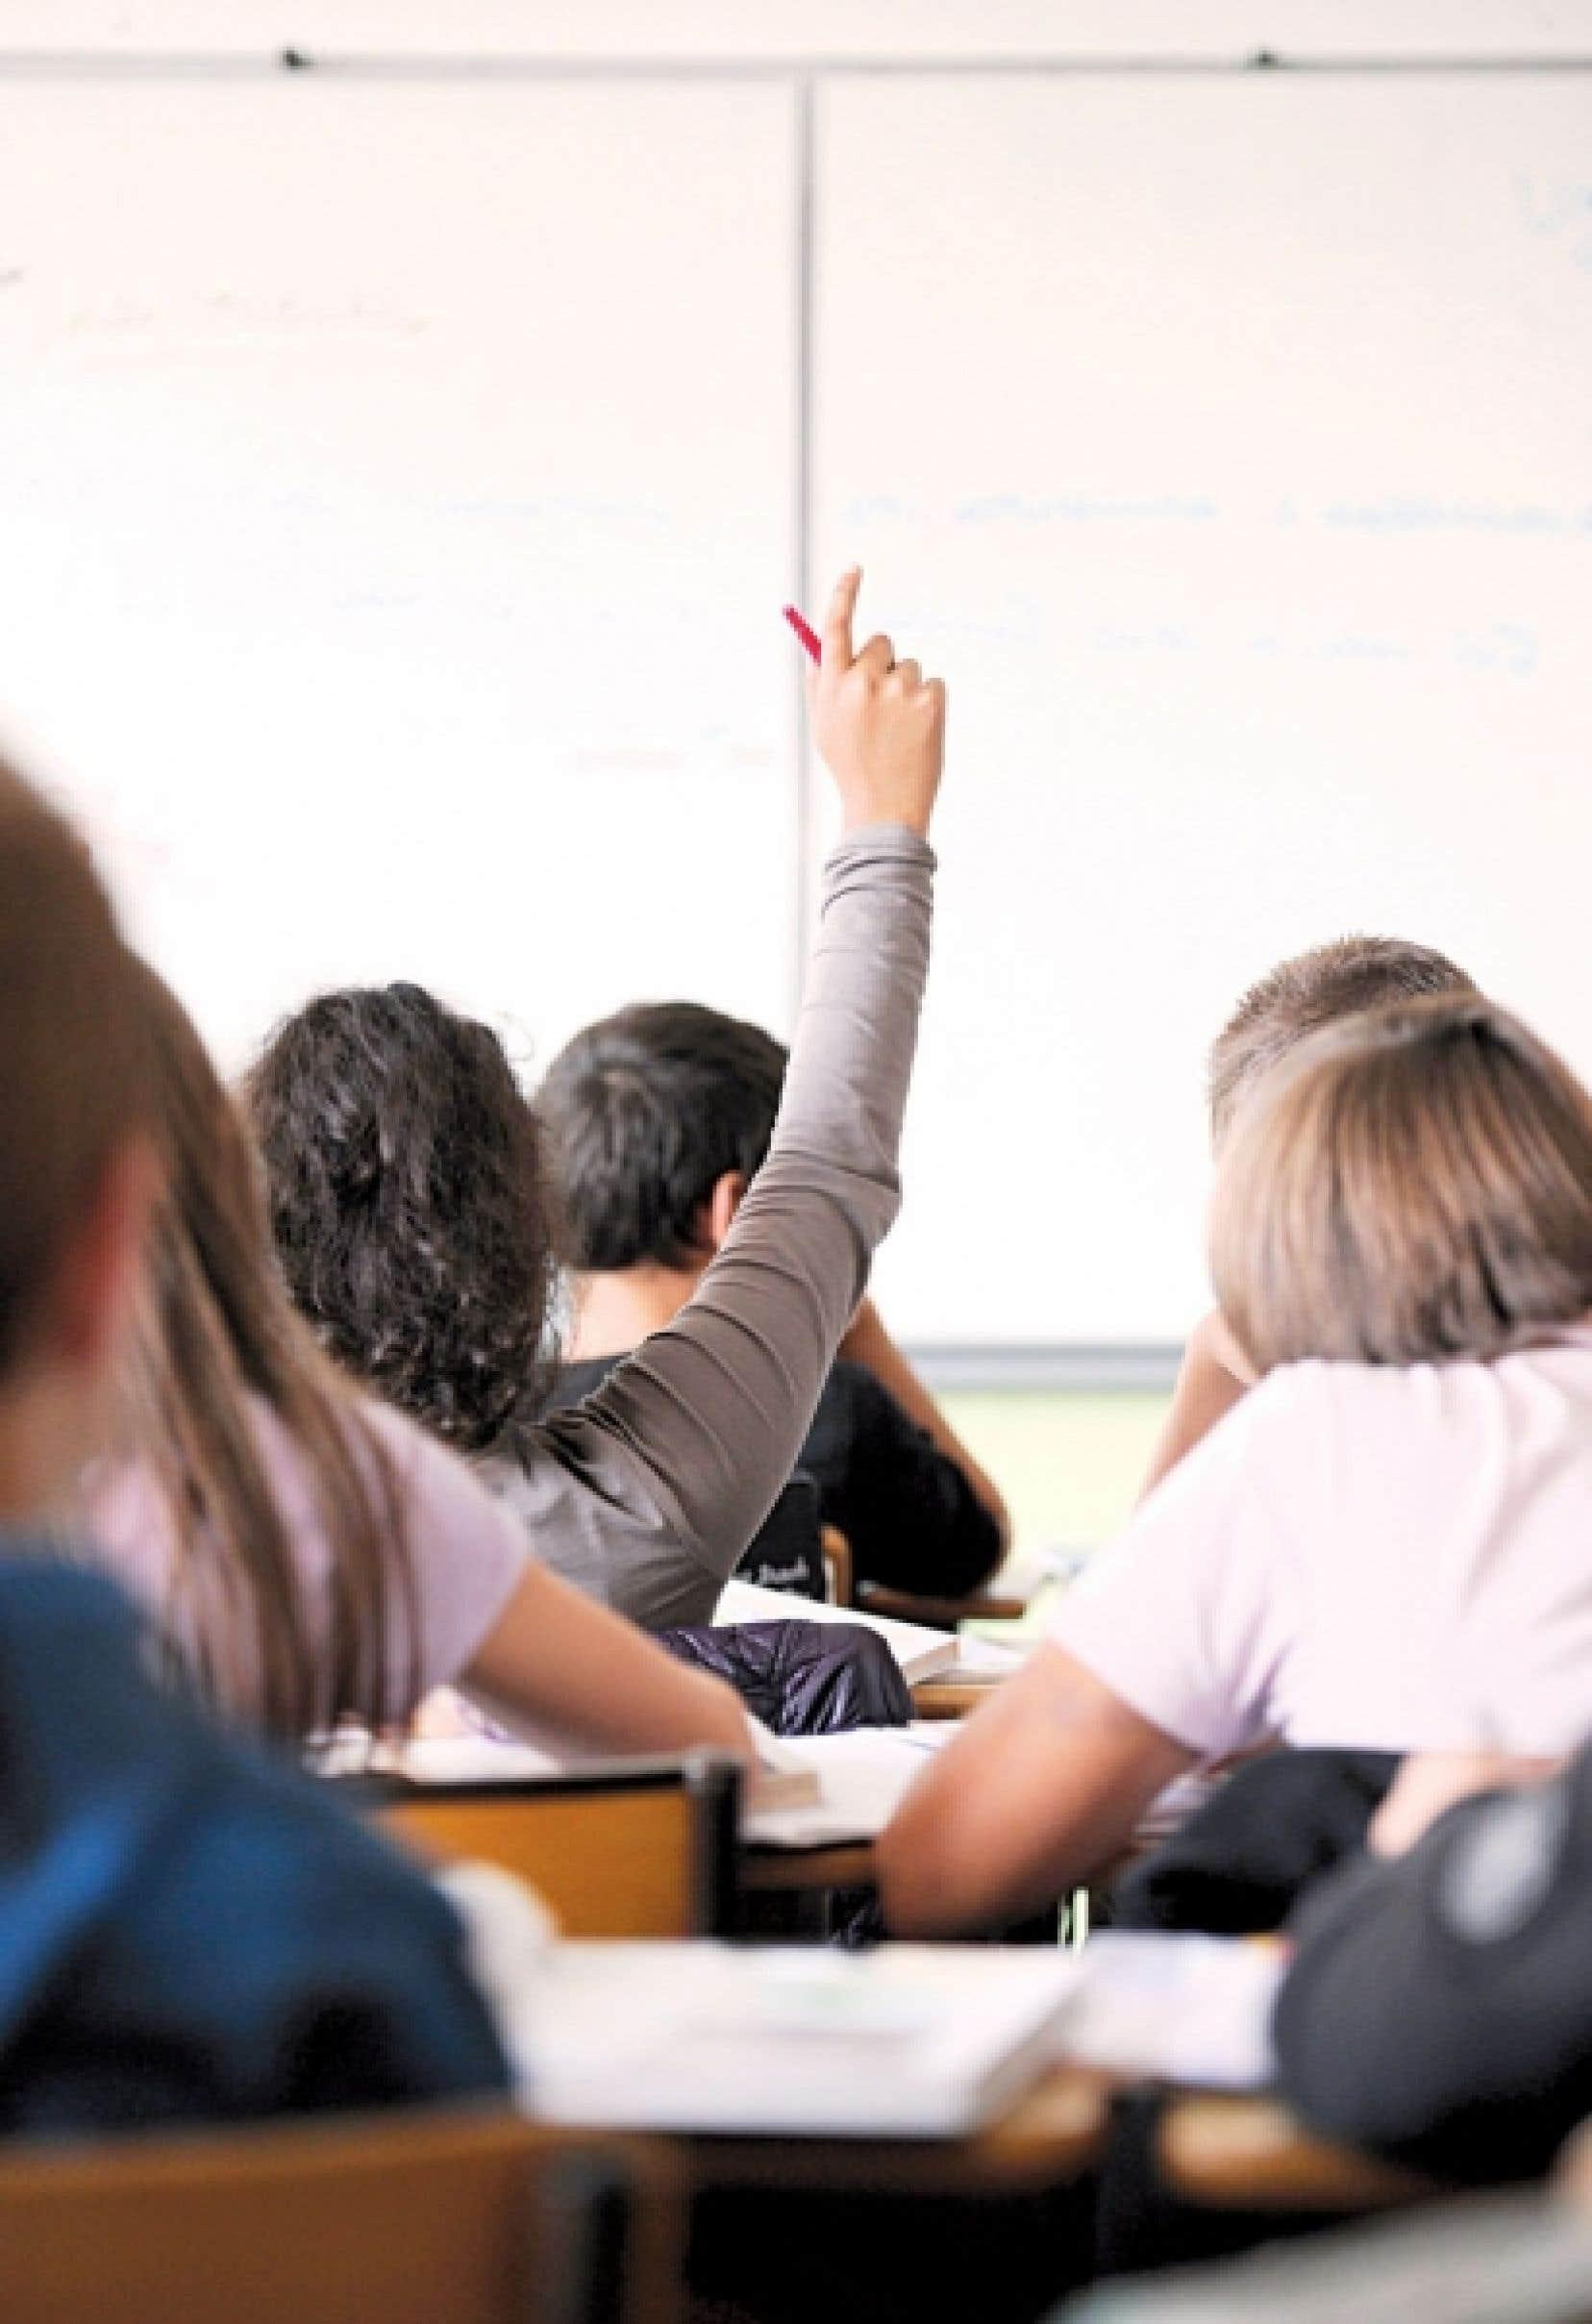 Un élève qui a besoin d'un soutien appuyé peut se retrouver dépassé d'un point de vue scolaire dans un groupe de 32 élèves.